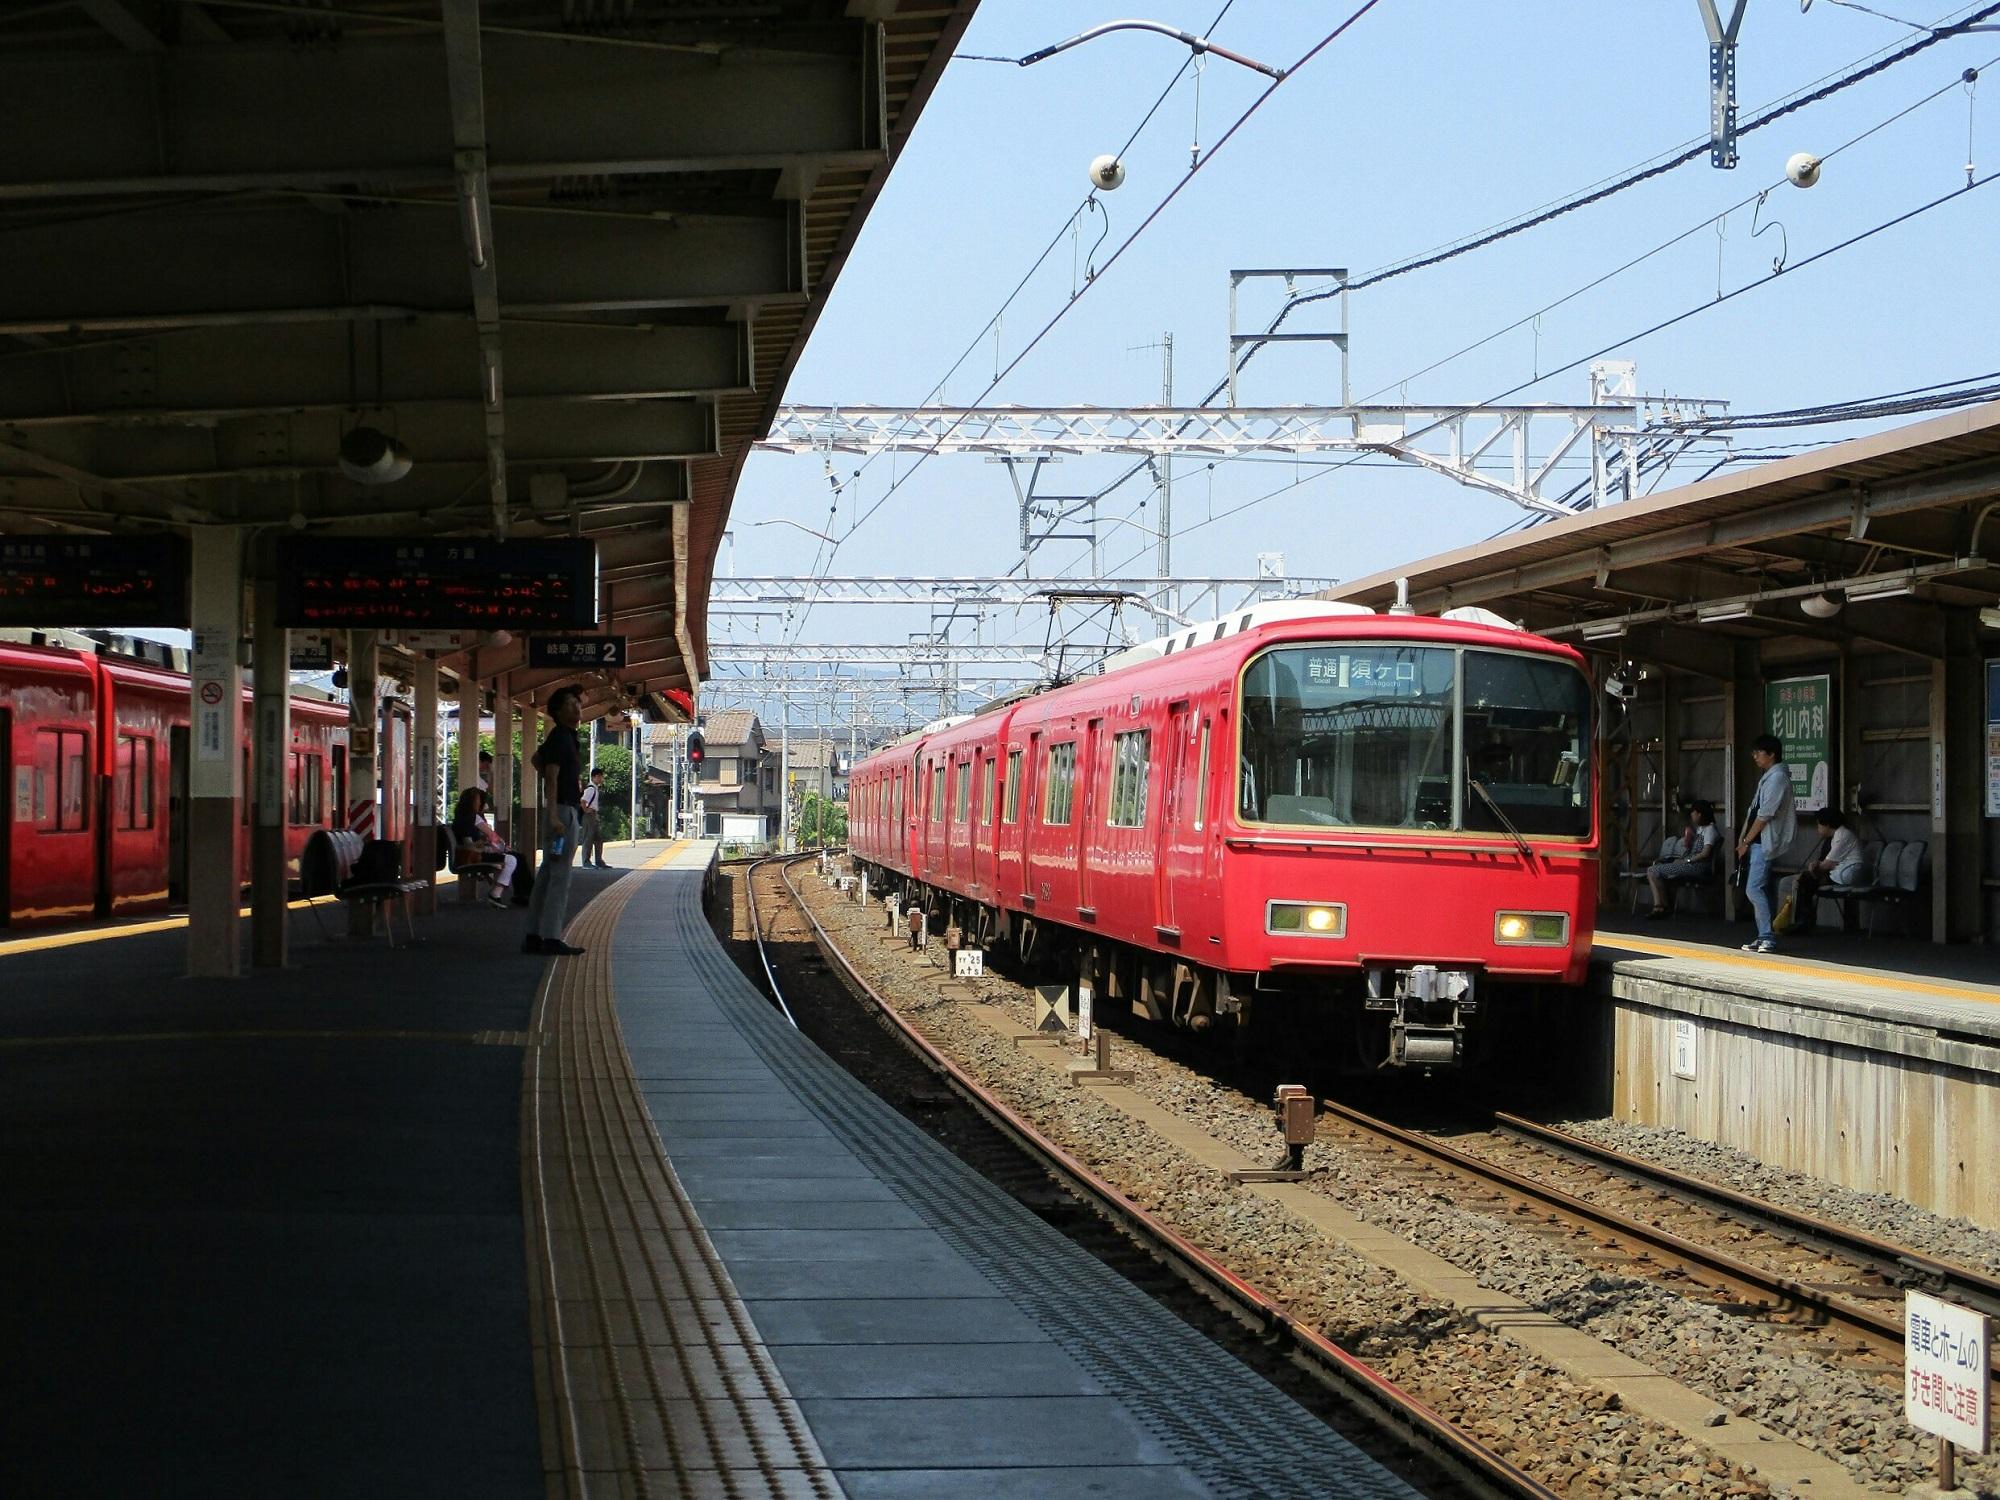 2018.7.18 (135) 笠松 - 須ヶ口いきふつう 2000-1500